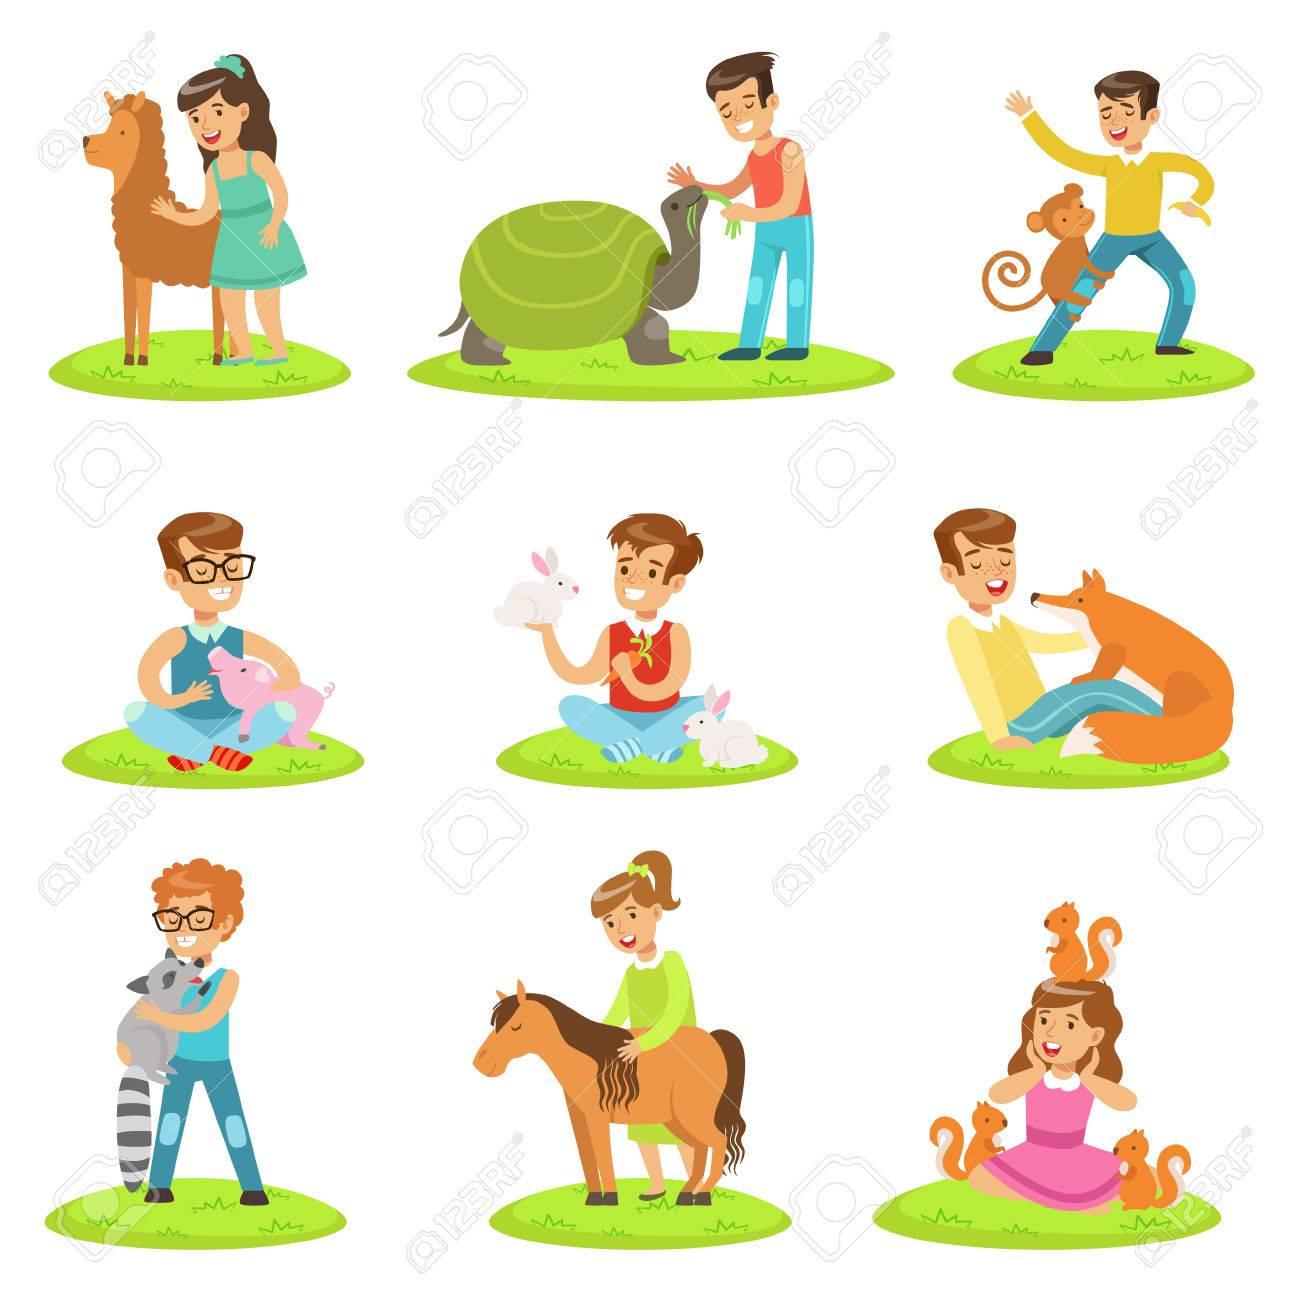 子供のふれあい動物園子供たち楽しんで漫画イラスト集で小動物を